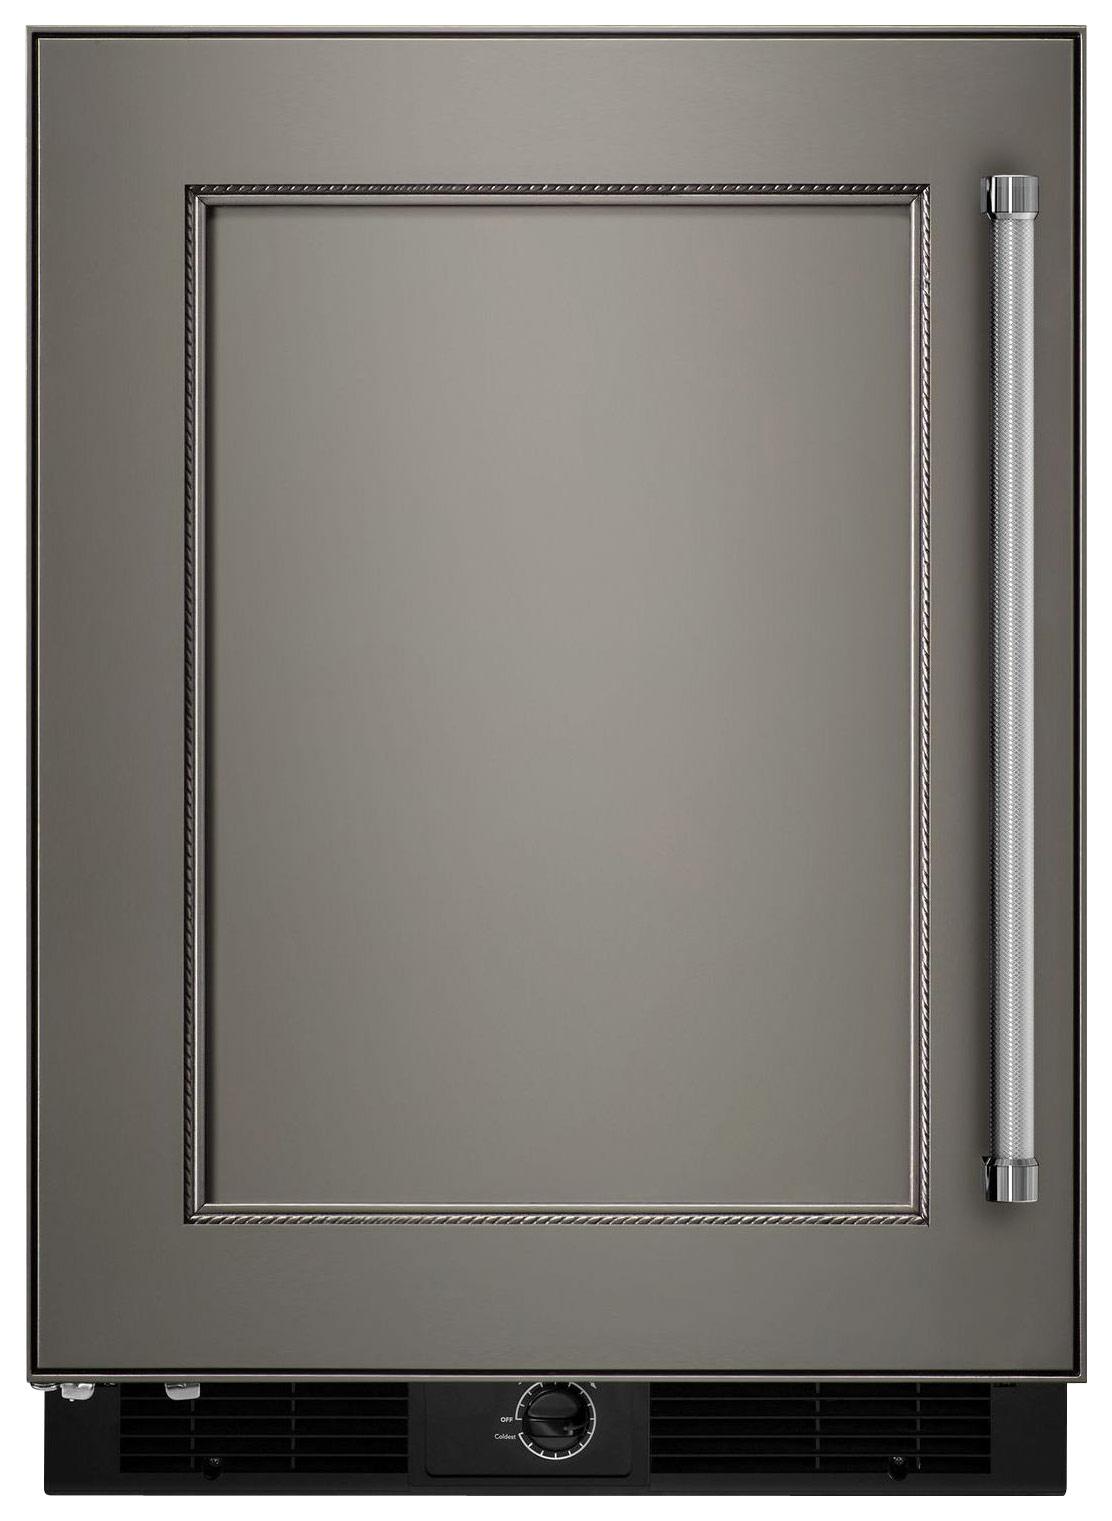 KitchenAid - 4.9 Cu. Ft. mini fridge - Custom Panel Ready